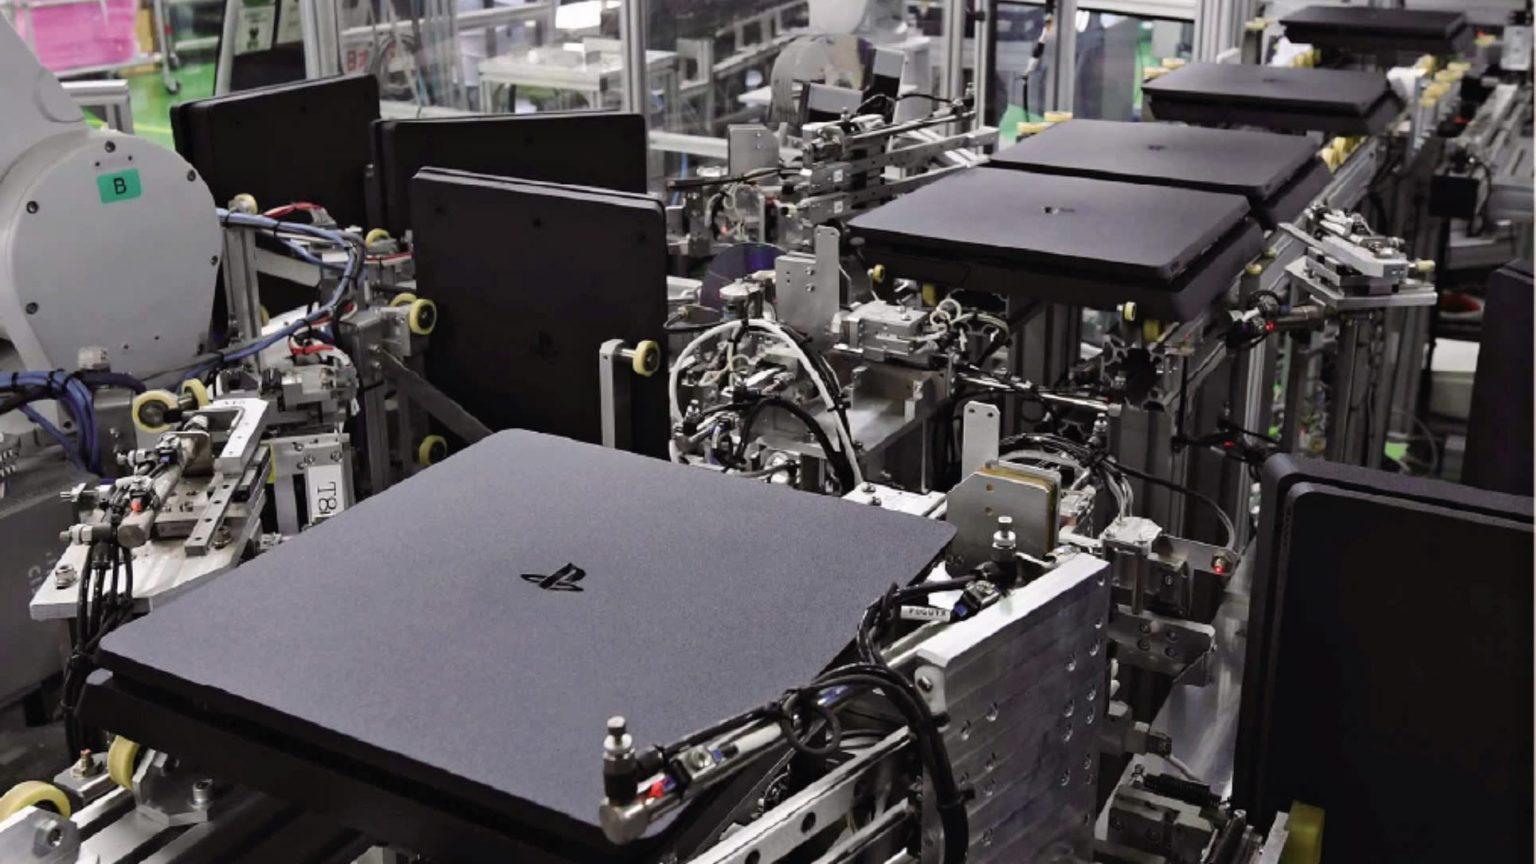 سوني تنتج منصة PlayStation 4 كل 30 ثانية